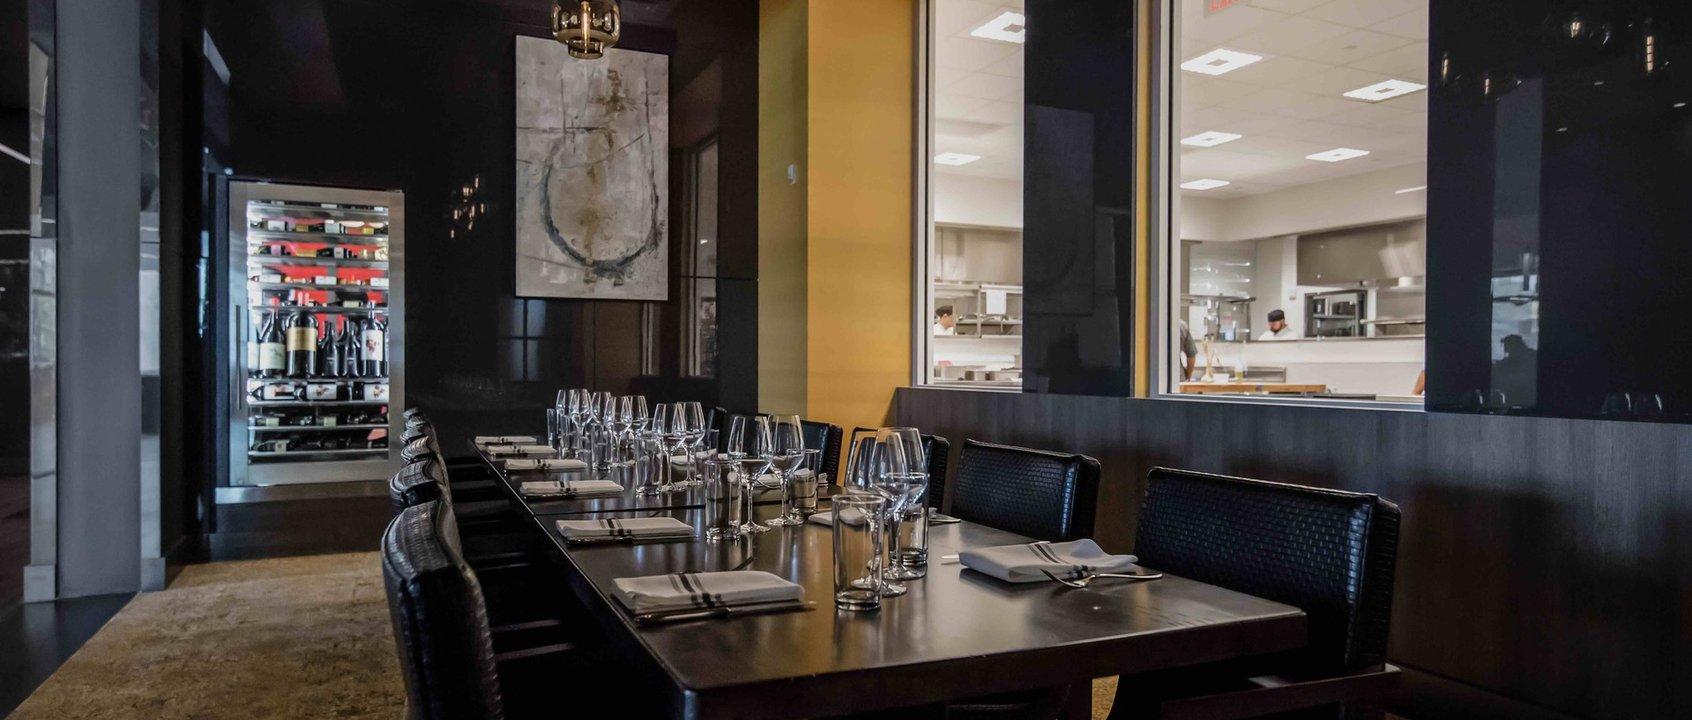 67bef73e Retail & Restaurants   JCJ Architecture